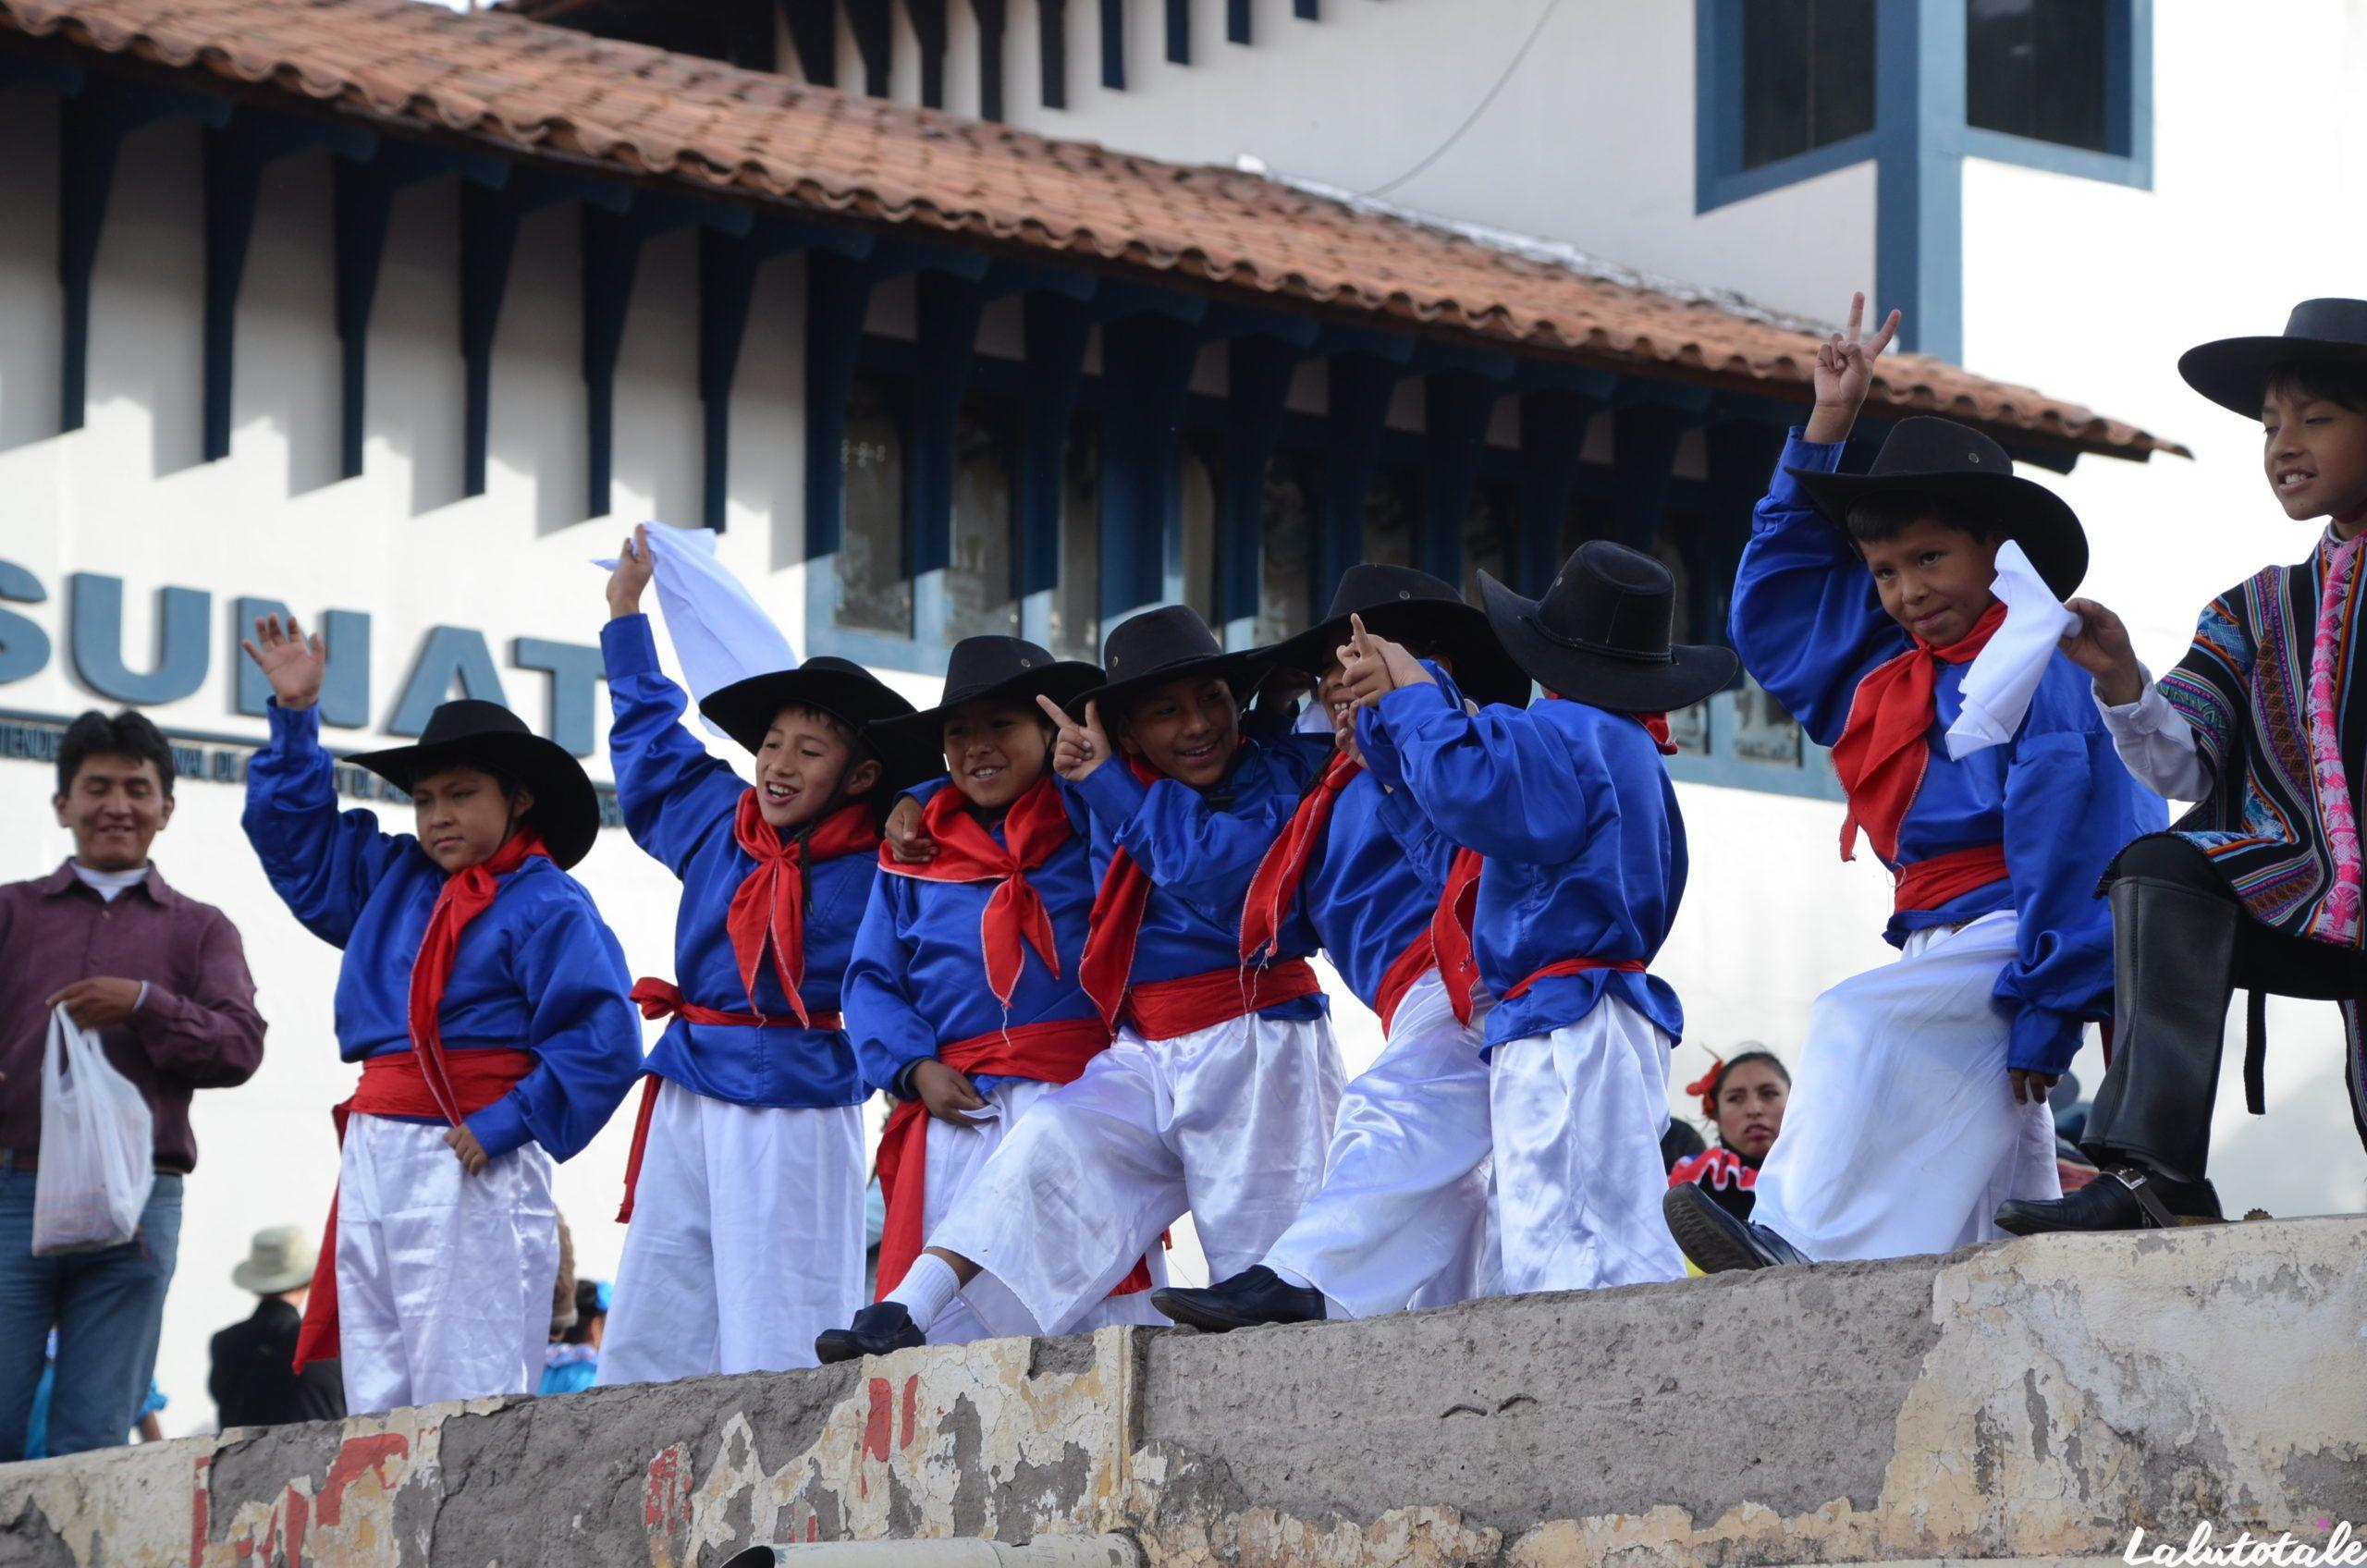 (PÉROU Jour 10 la suite ) Retour à Cuzco, atelier de bijoux et soirée péruvienne 💃.